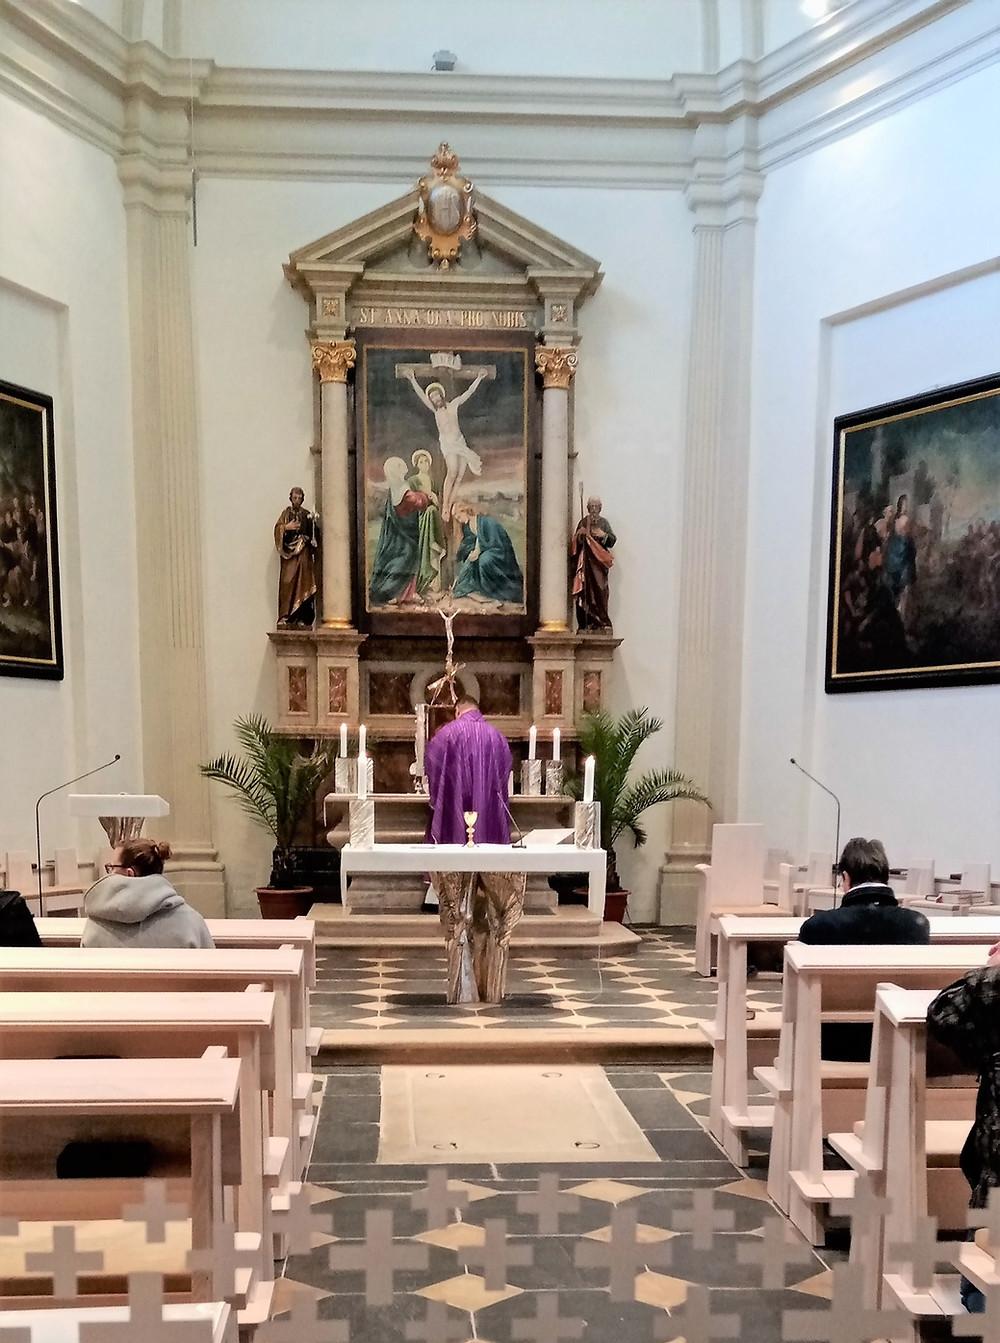 Nejdůležitější relikvií uloženou v kostele svaté Anny v Olomouci je paže této světice